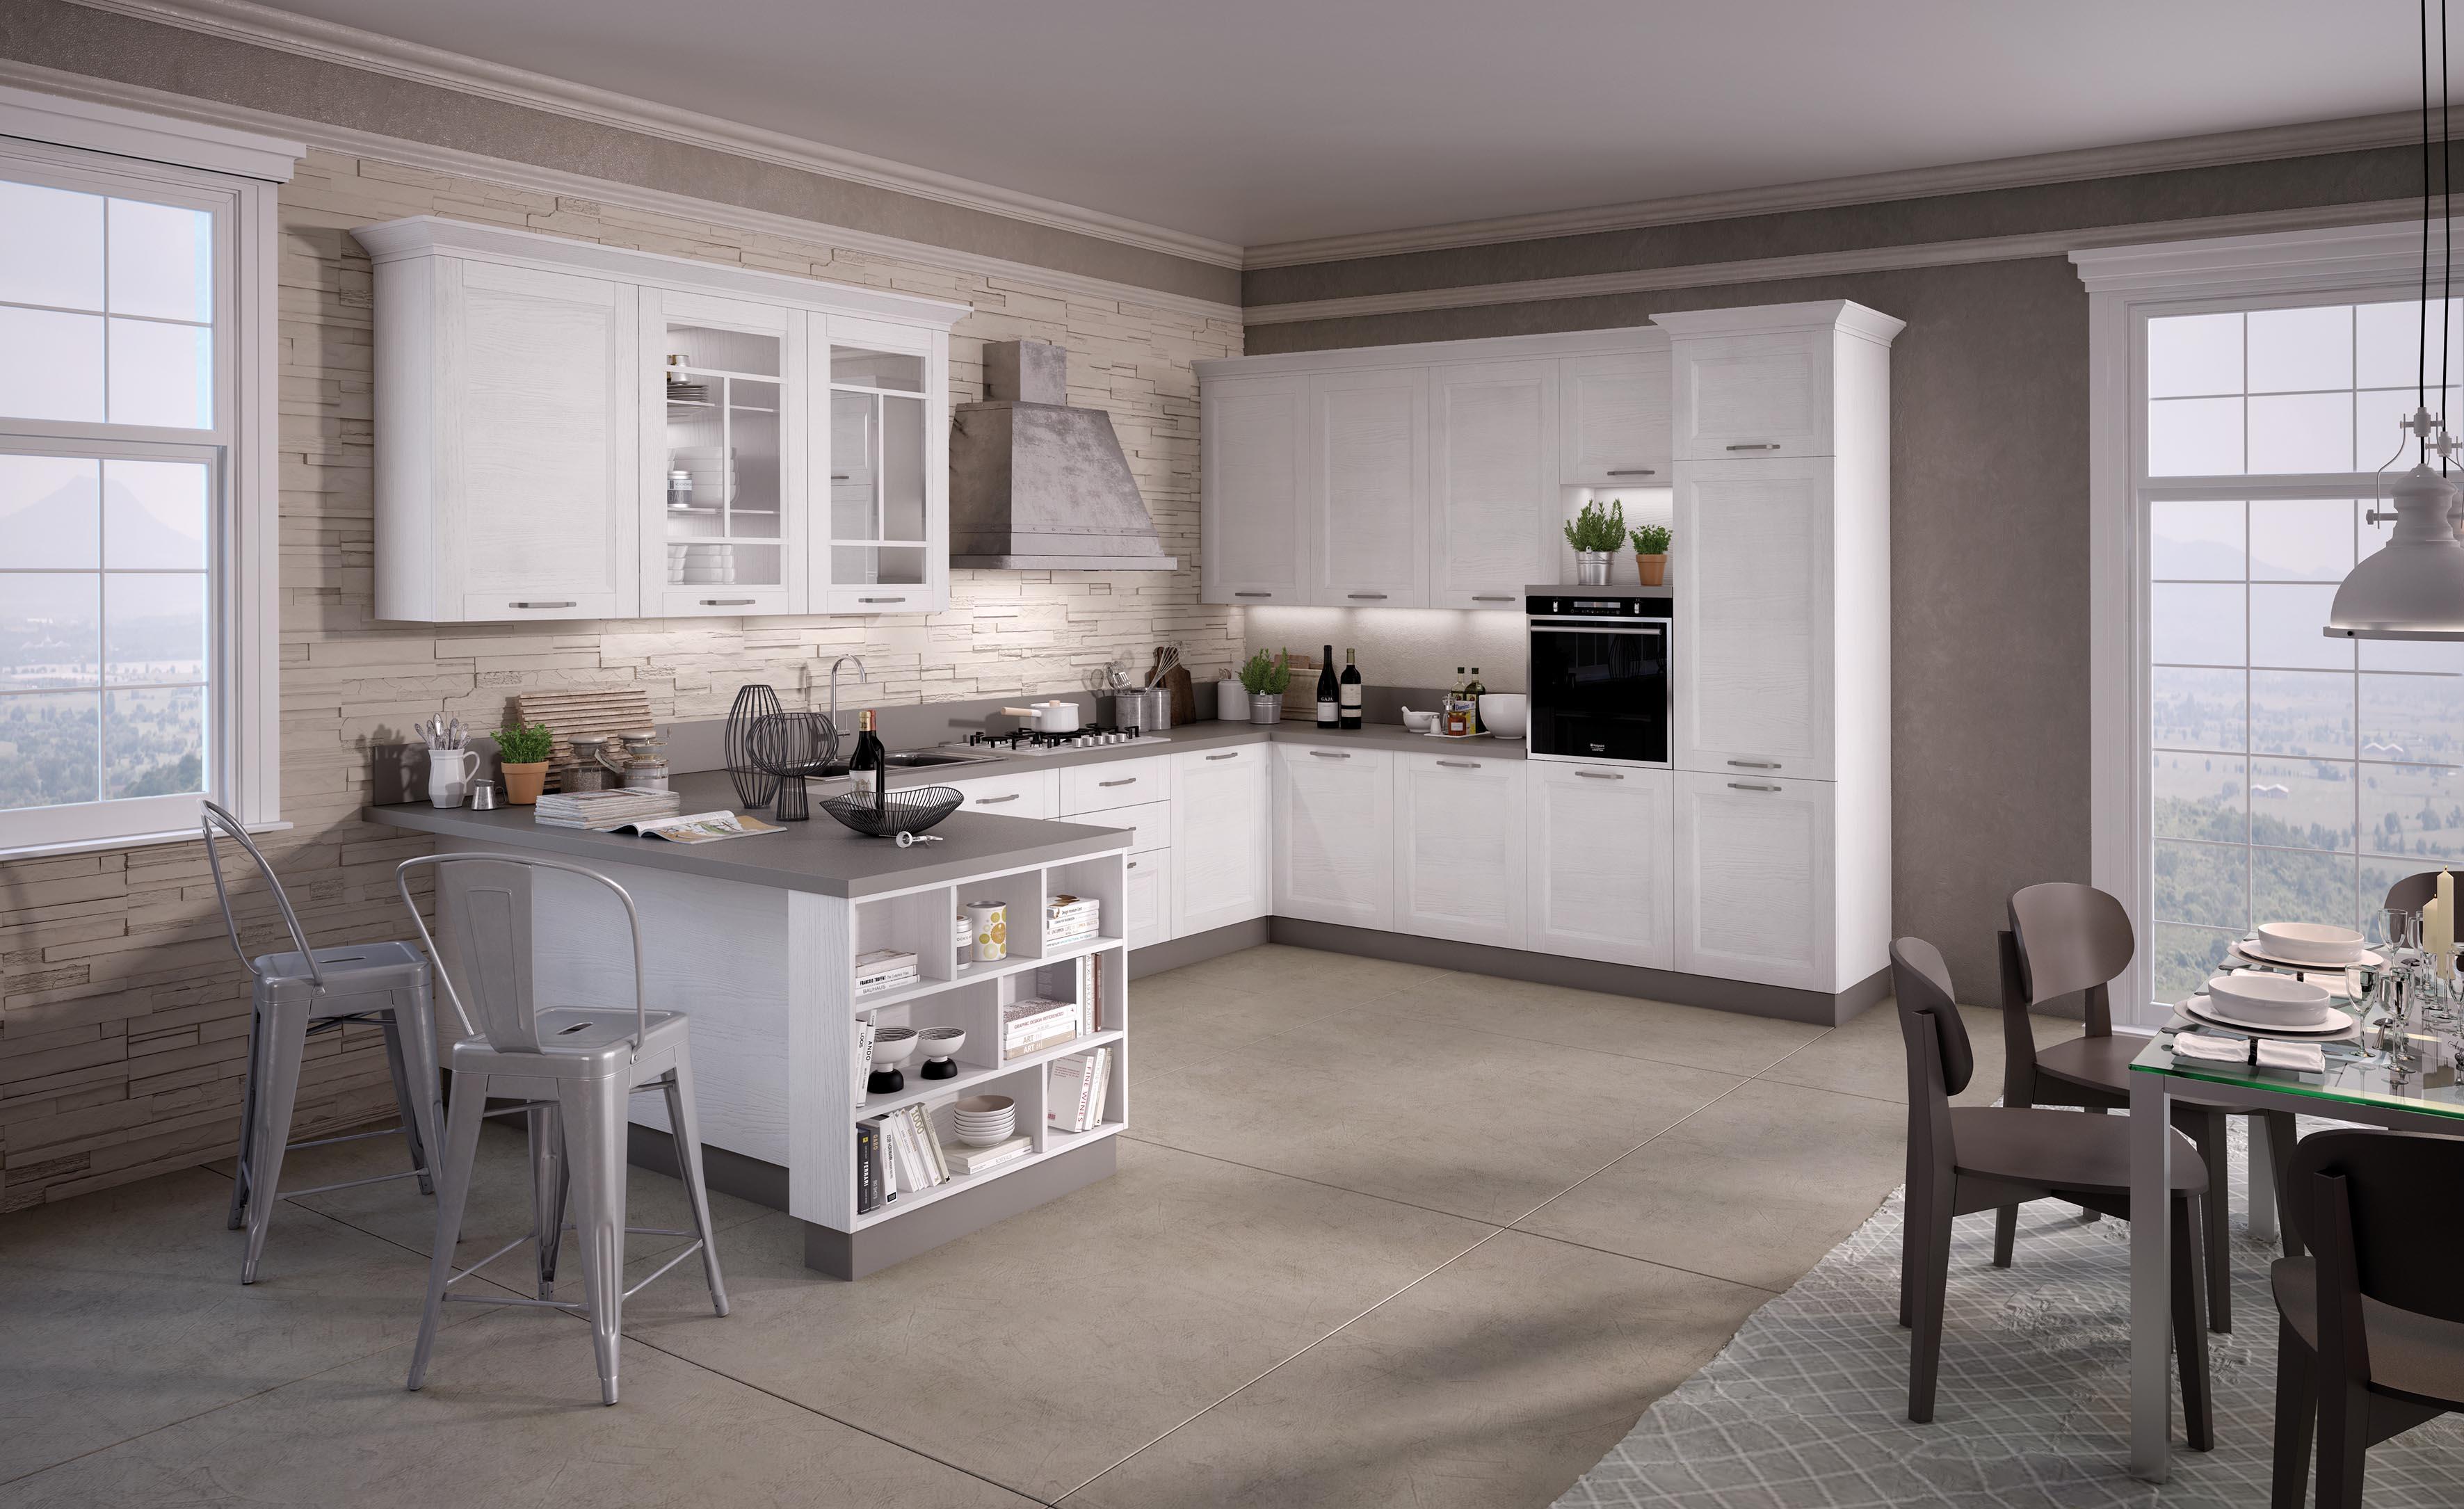 cucina ginevra landini cucine tutto mobili arredamento